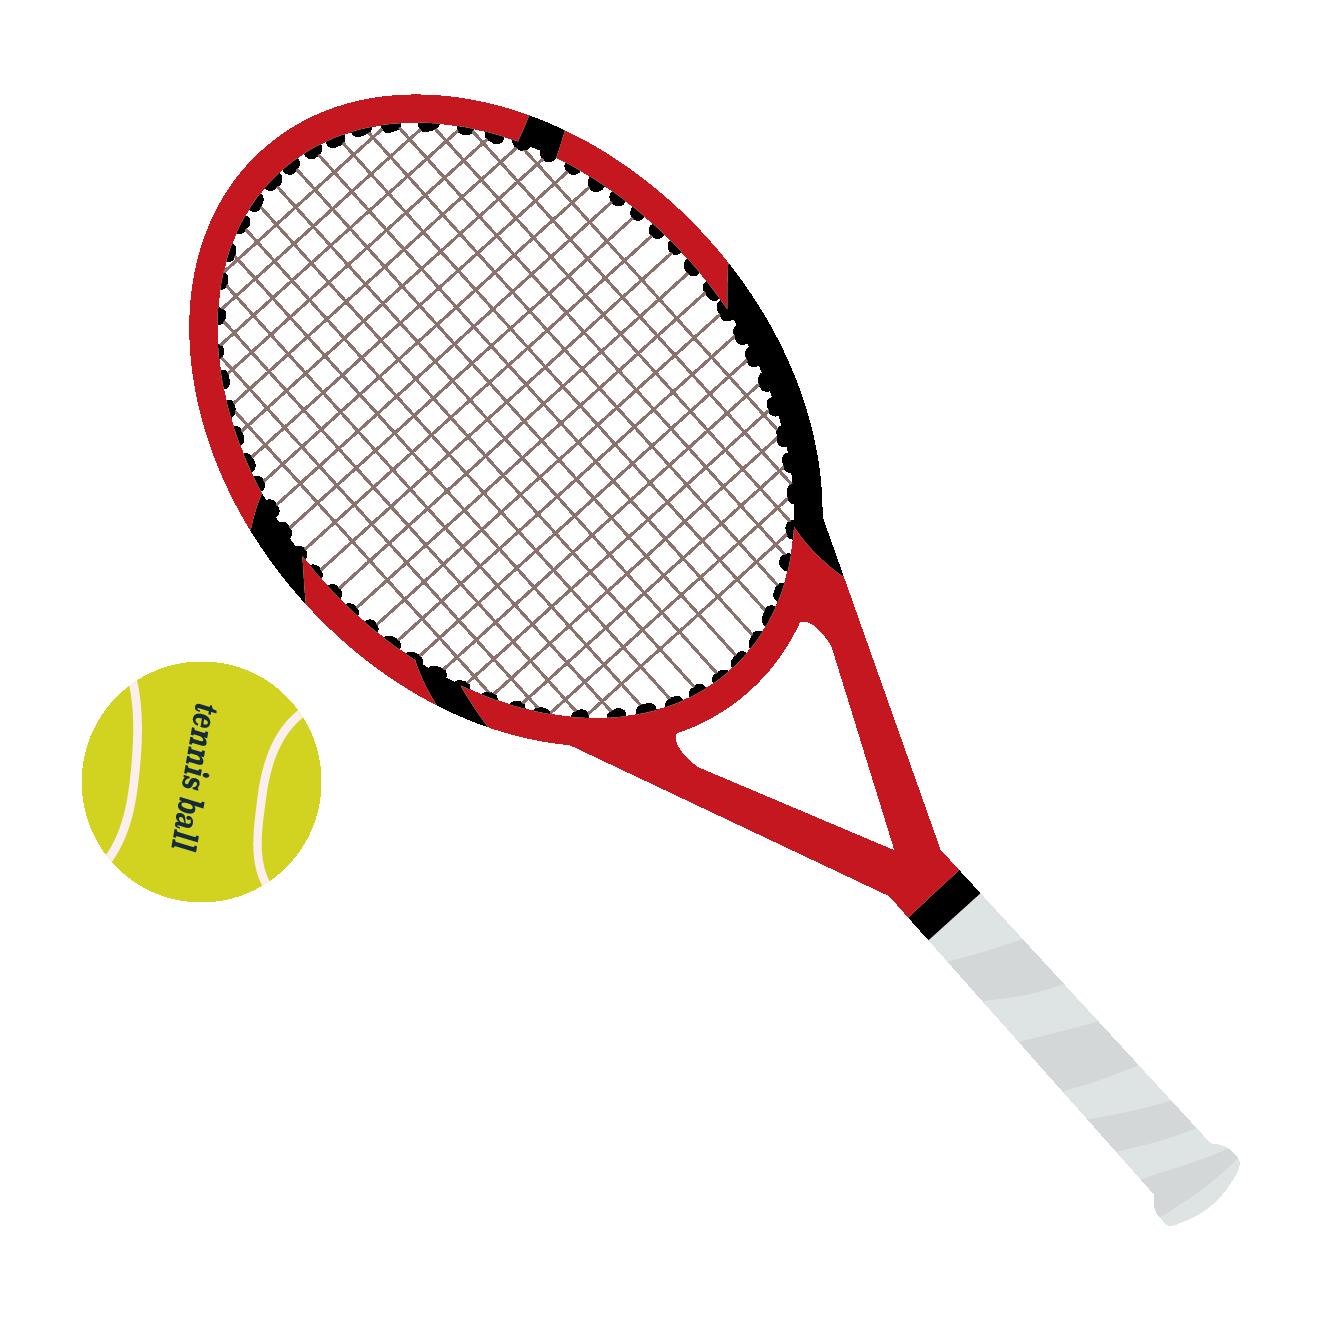 https://illustmansion.com/sites/default/files/illustrations/tennis-set-01-01.png